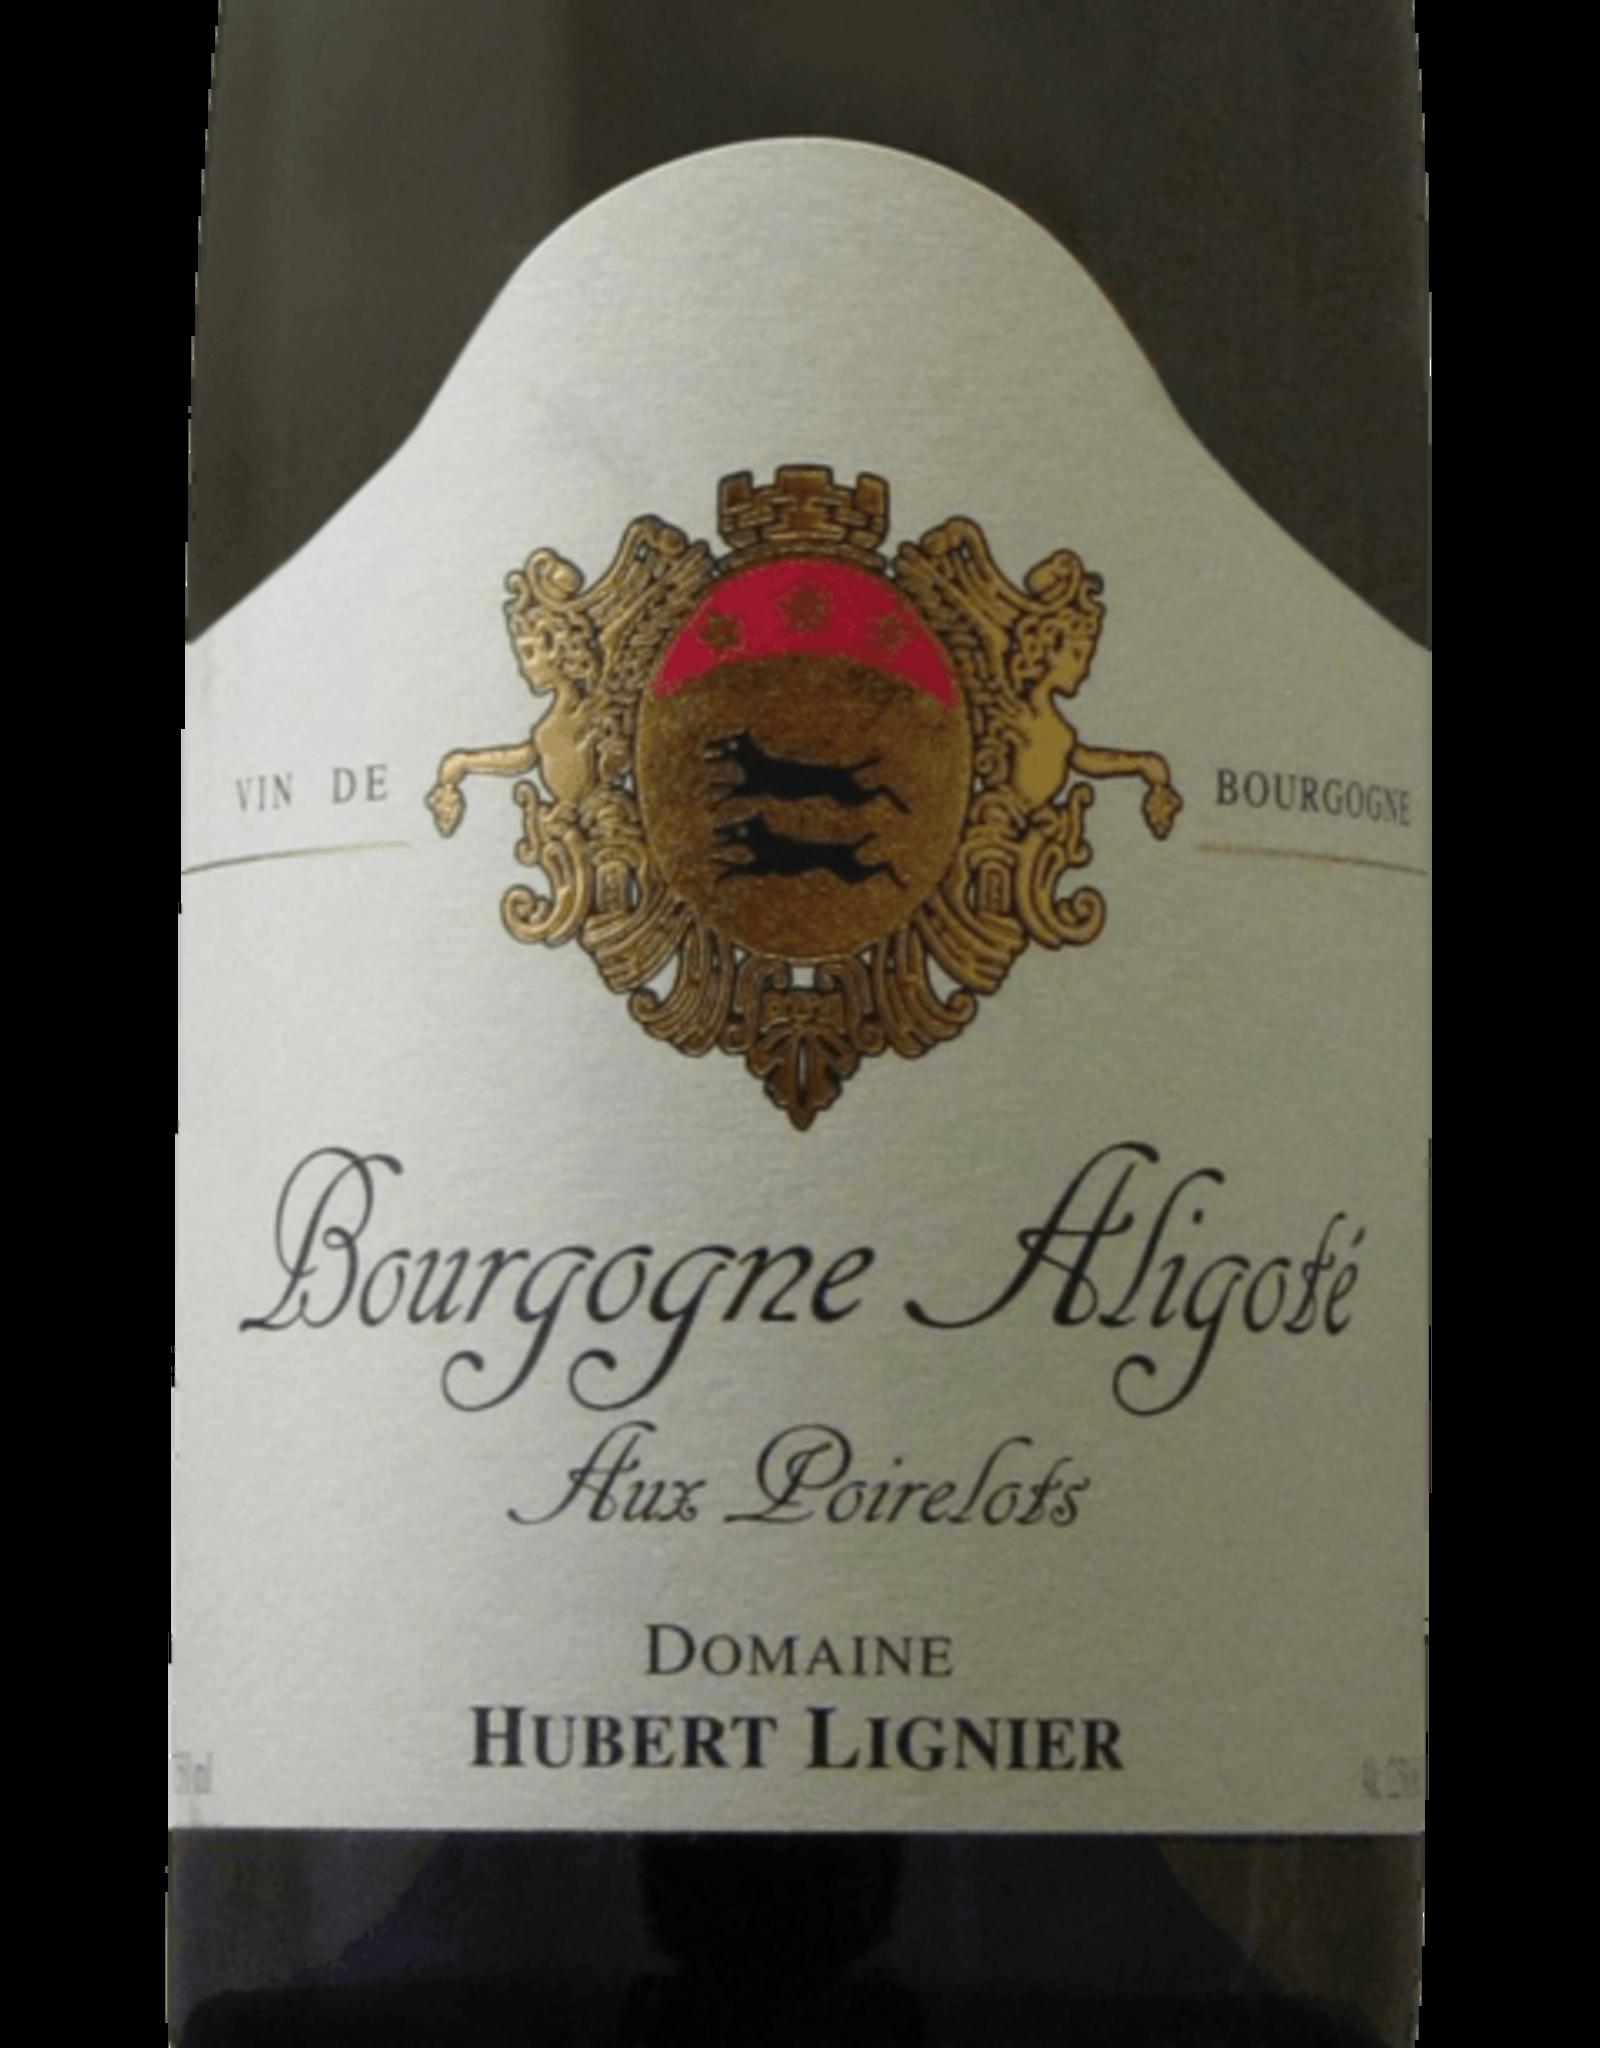 """W Burgundy, Bourgogne Aligote, """"Aux Poirelots,""""Hubert Lignier 2019"""